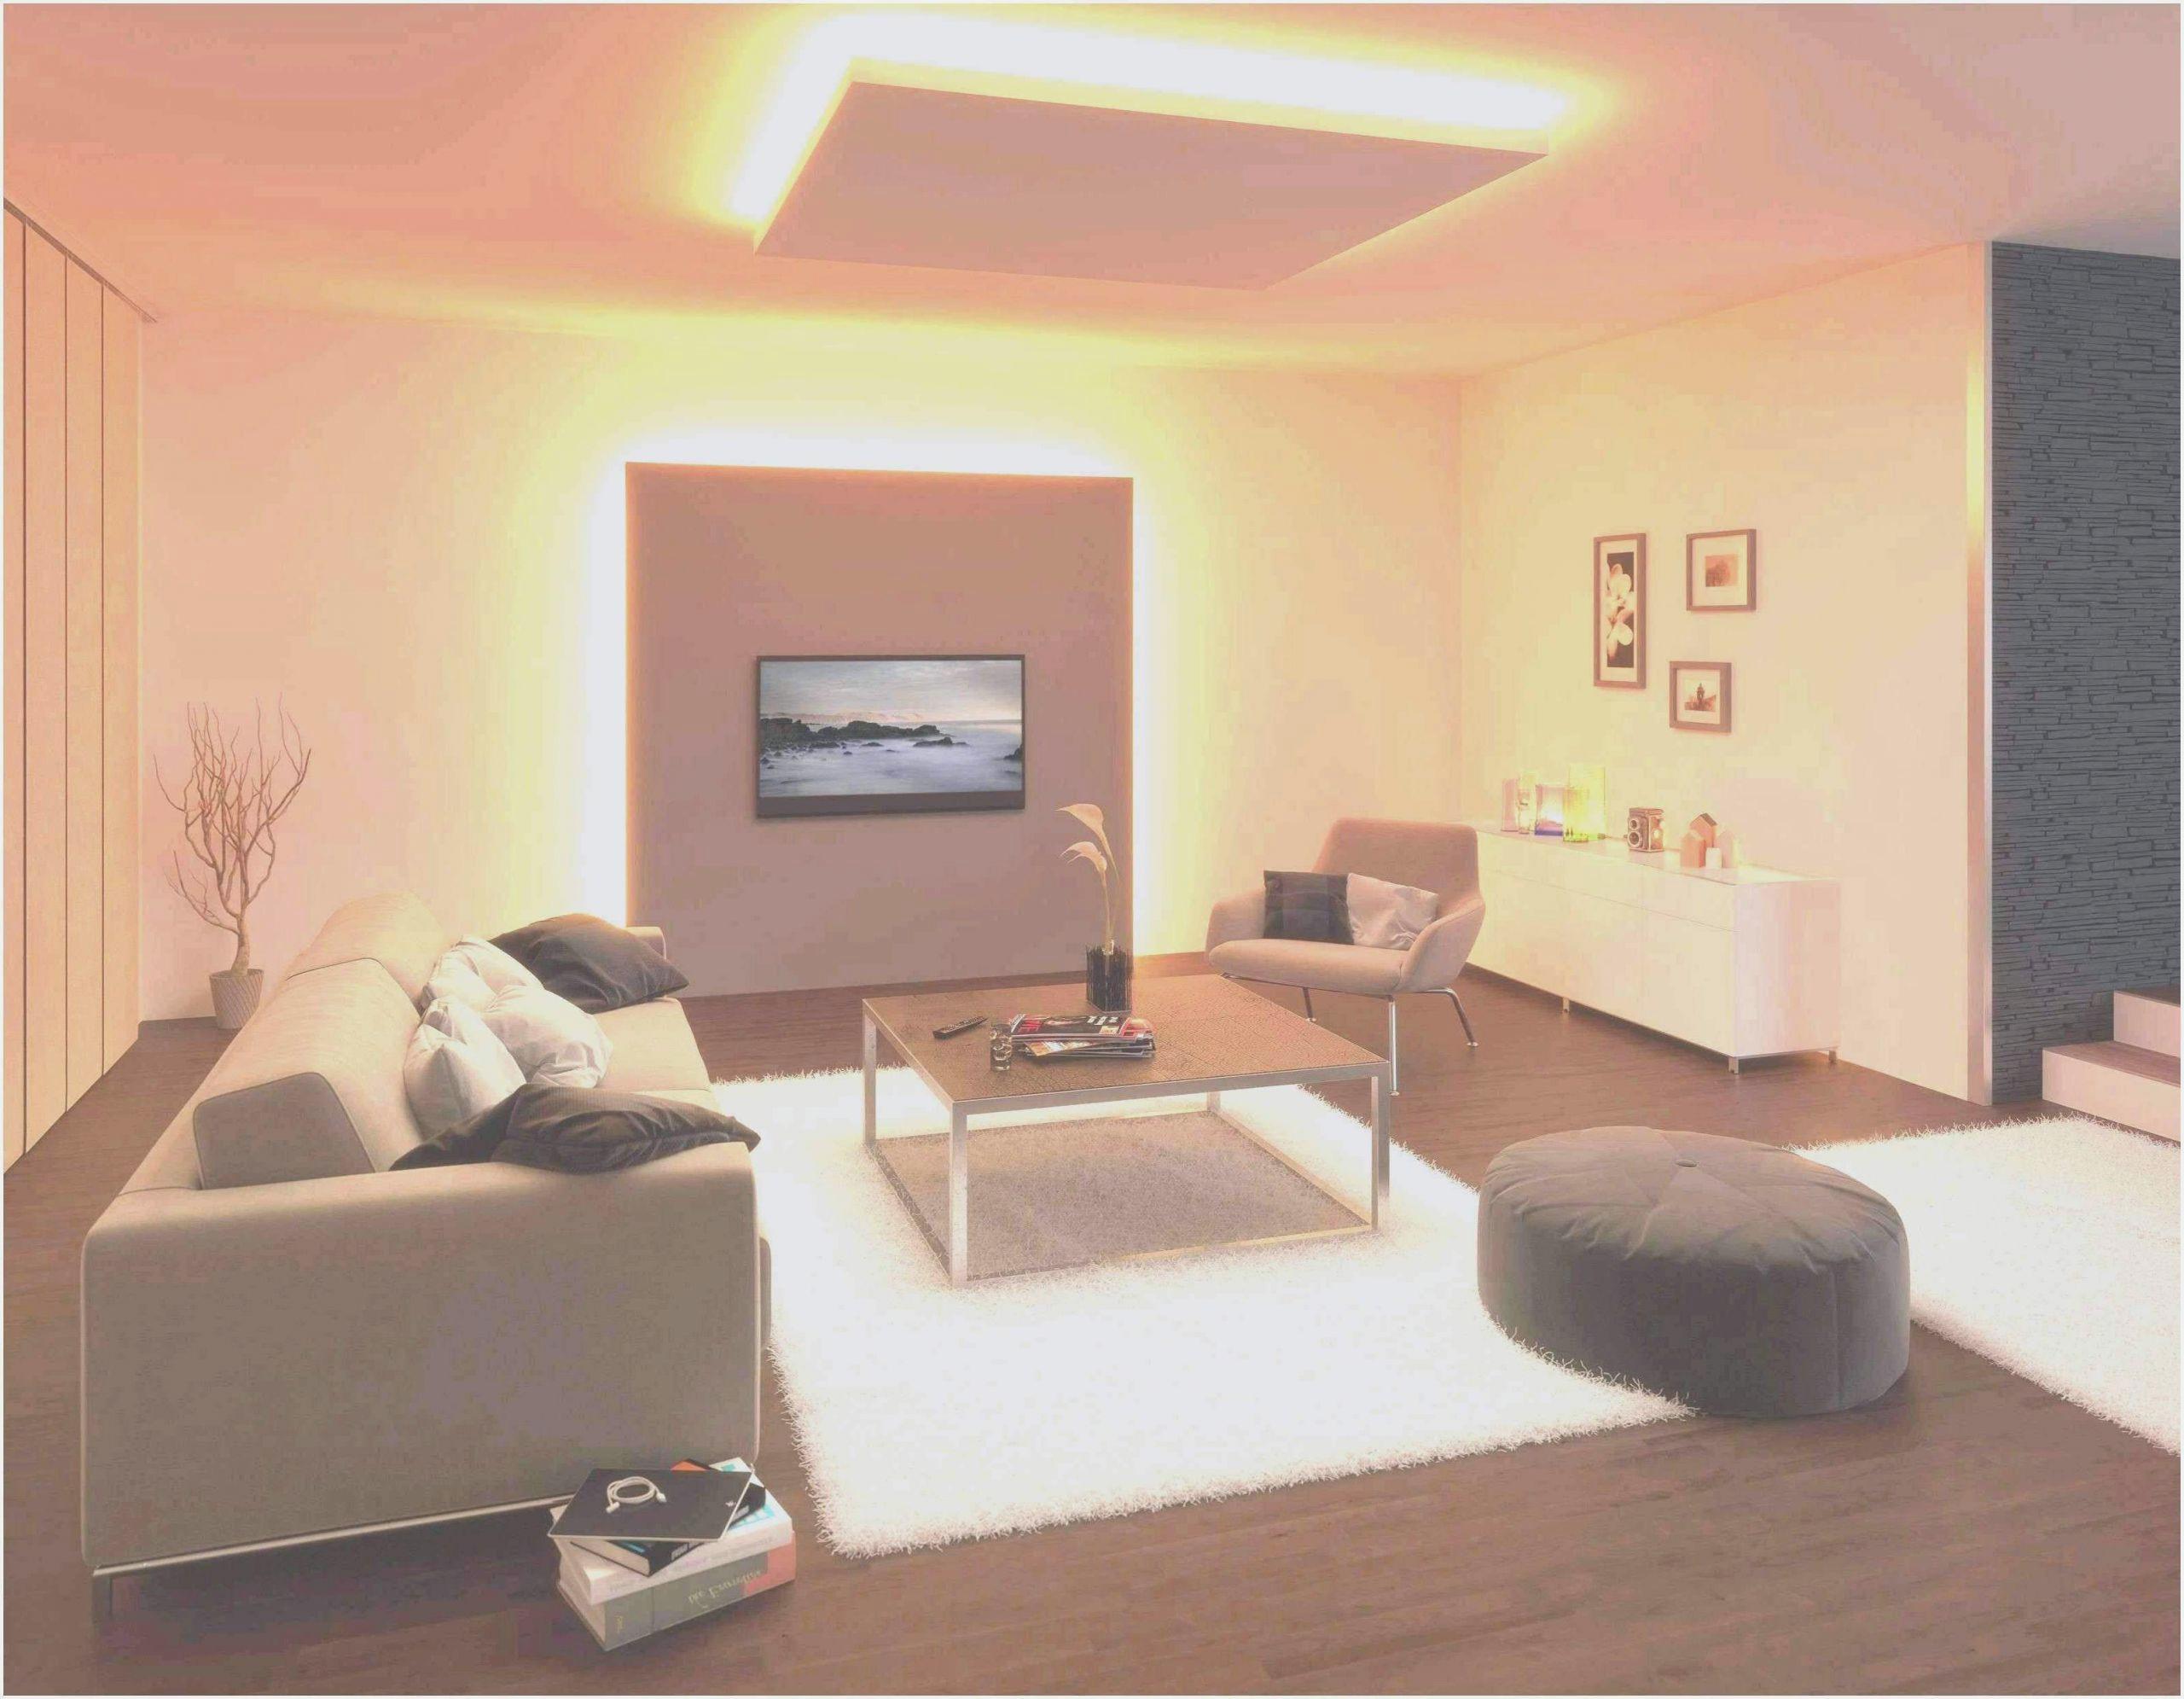 Full Size of Badezimmer Lampe Ikea Sofa Mit Schlaffunktion Deckenlampe Esstisch Küche Kaufen Bad Kosten Miniküche Betten Bei Schlafzimmer Modulküche Wohnzimmer Wohnzimmer Deckenlampe Ikea